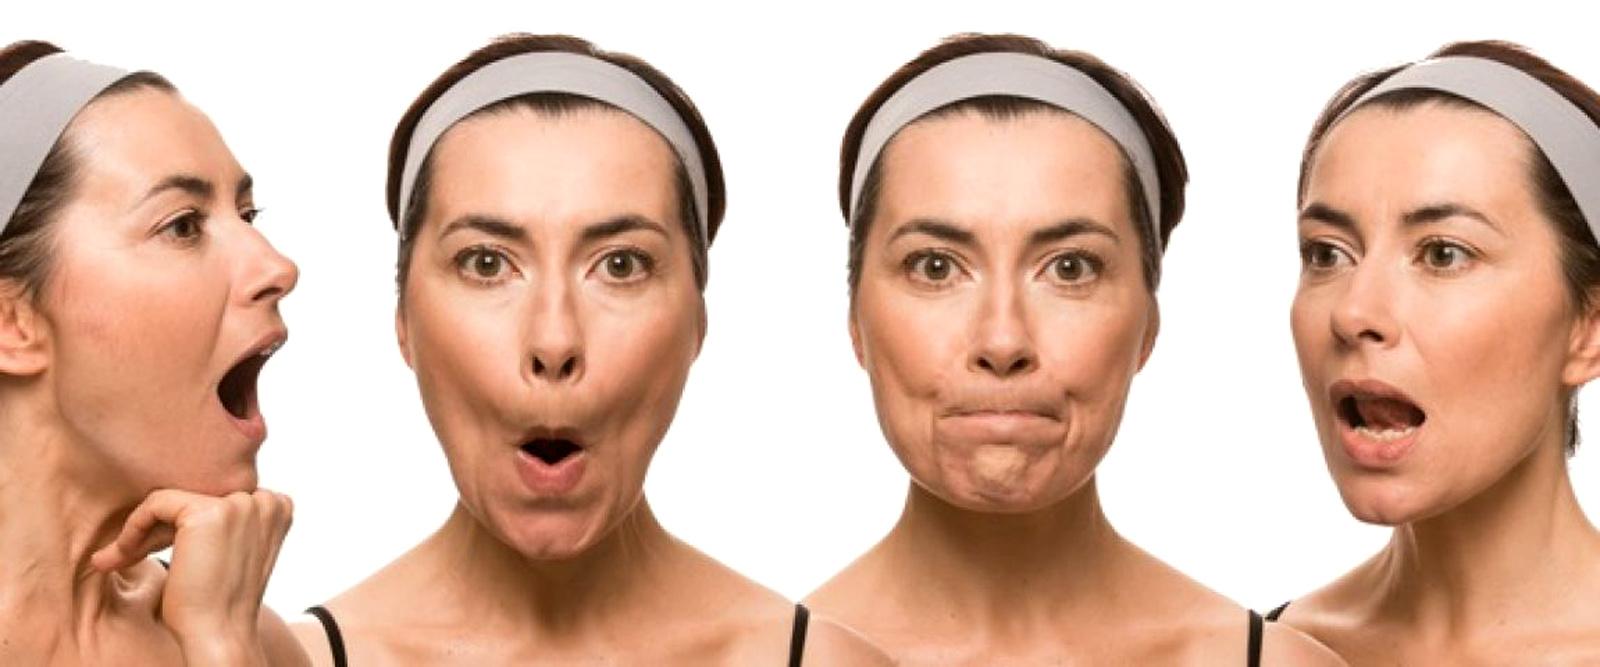 Похудения В Области Лица. 7 простых способов похудеть в лице